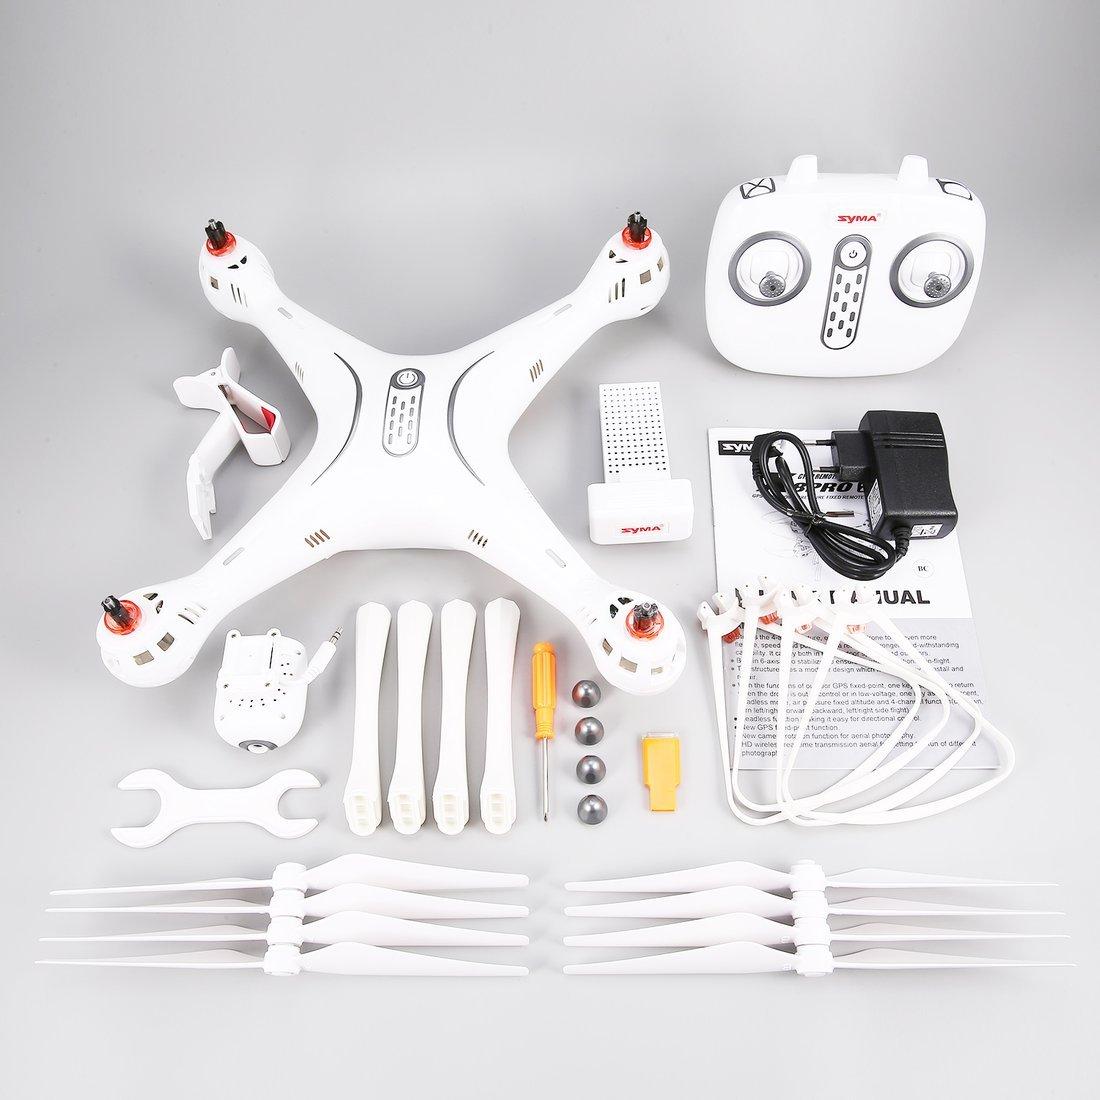 Syma X8PRO 2.4G GPS Posicionamiento FPV RC Drone Quadcopter con ...